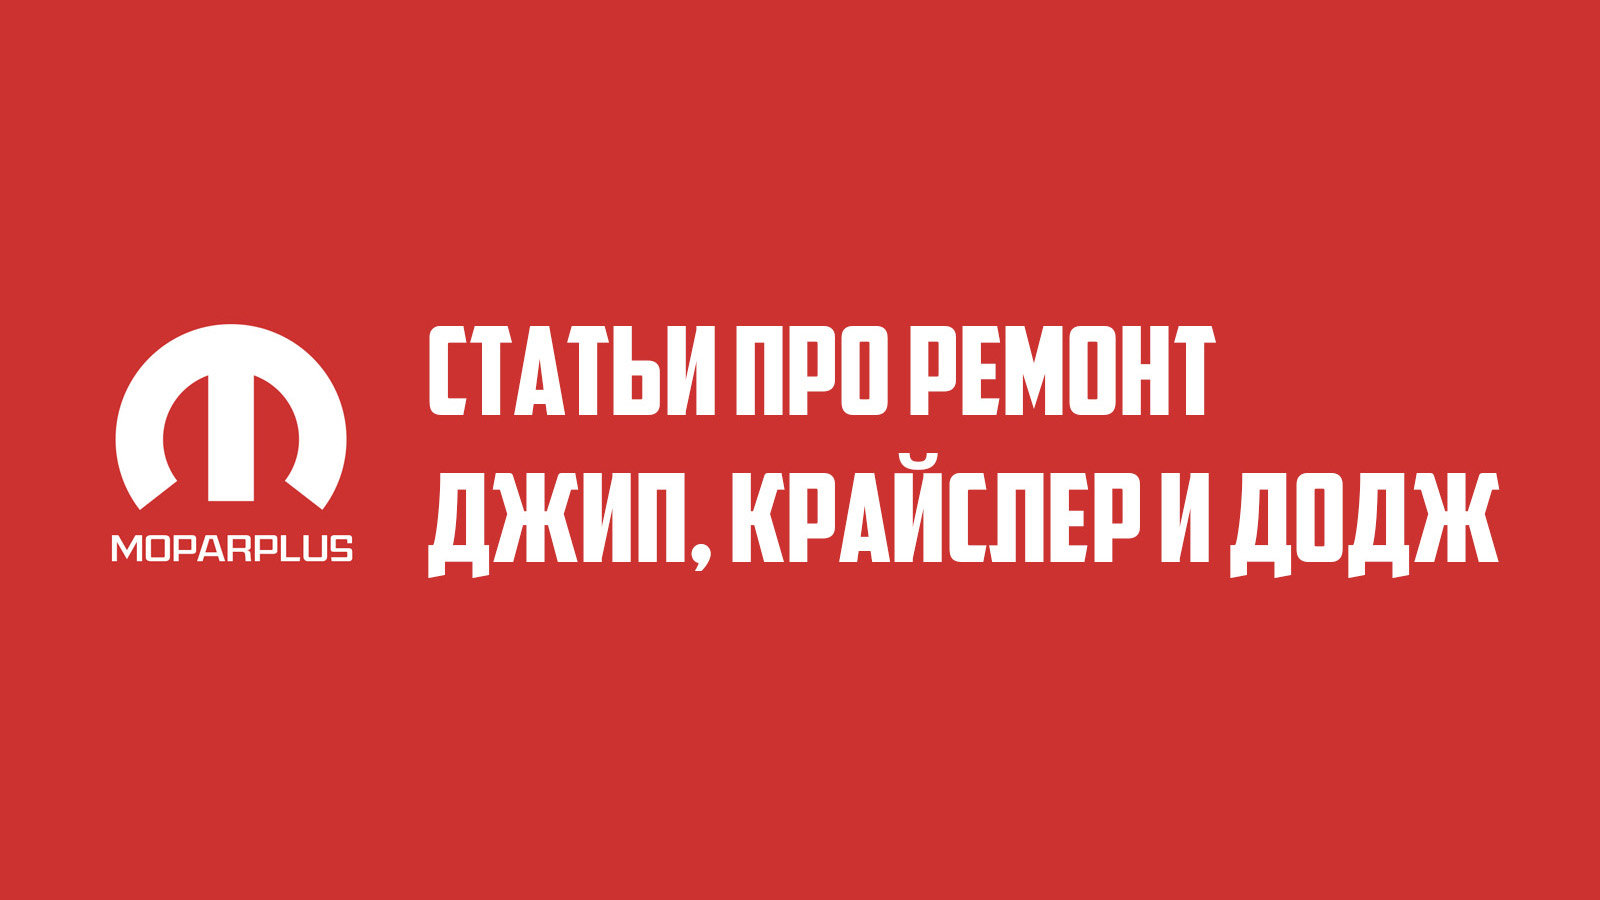 Статьи про ремонт. Выпуск №56.